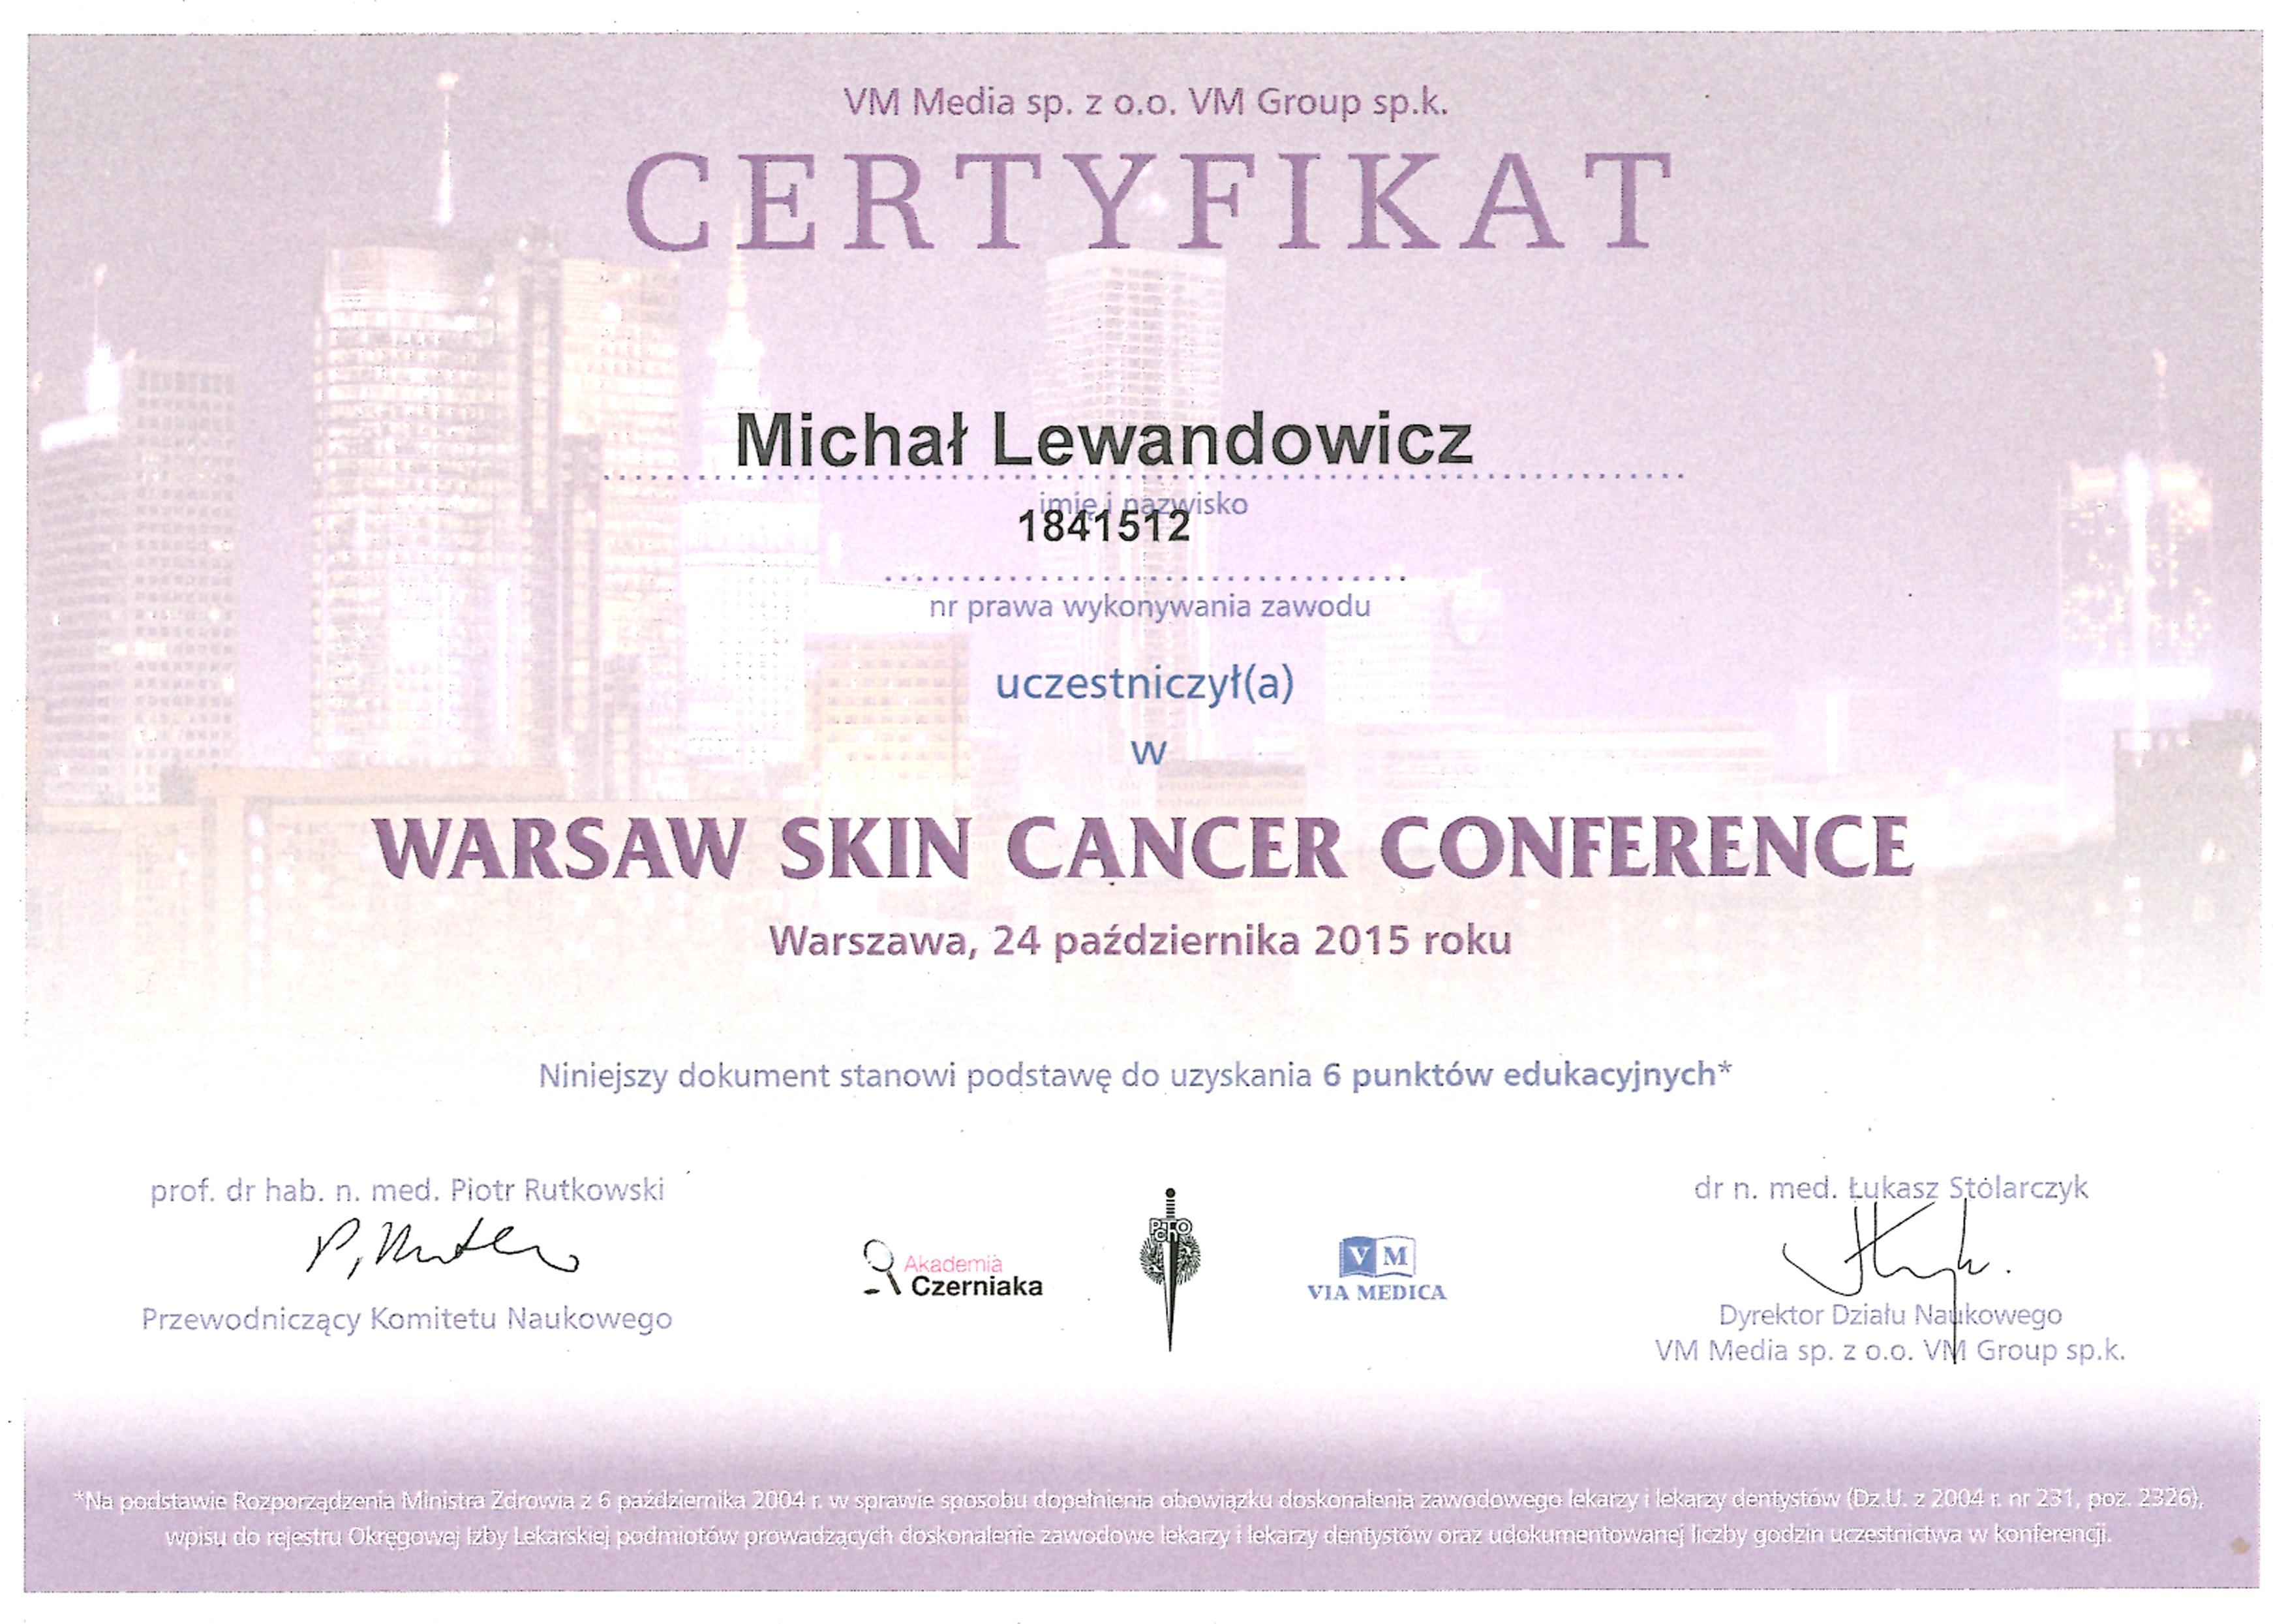 Cert Waw Skin Ca 2015 - dr n. med. Michał Lewandowicz